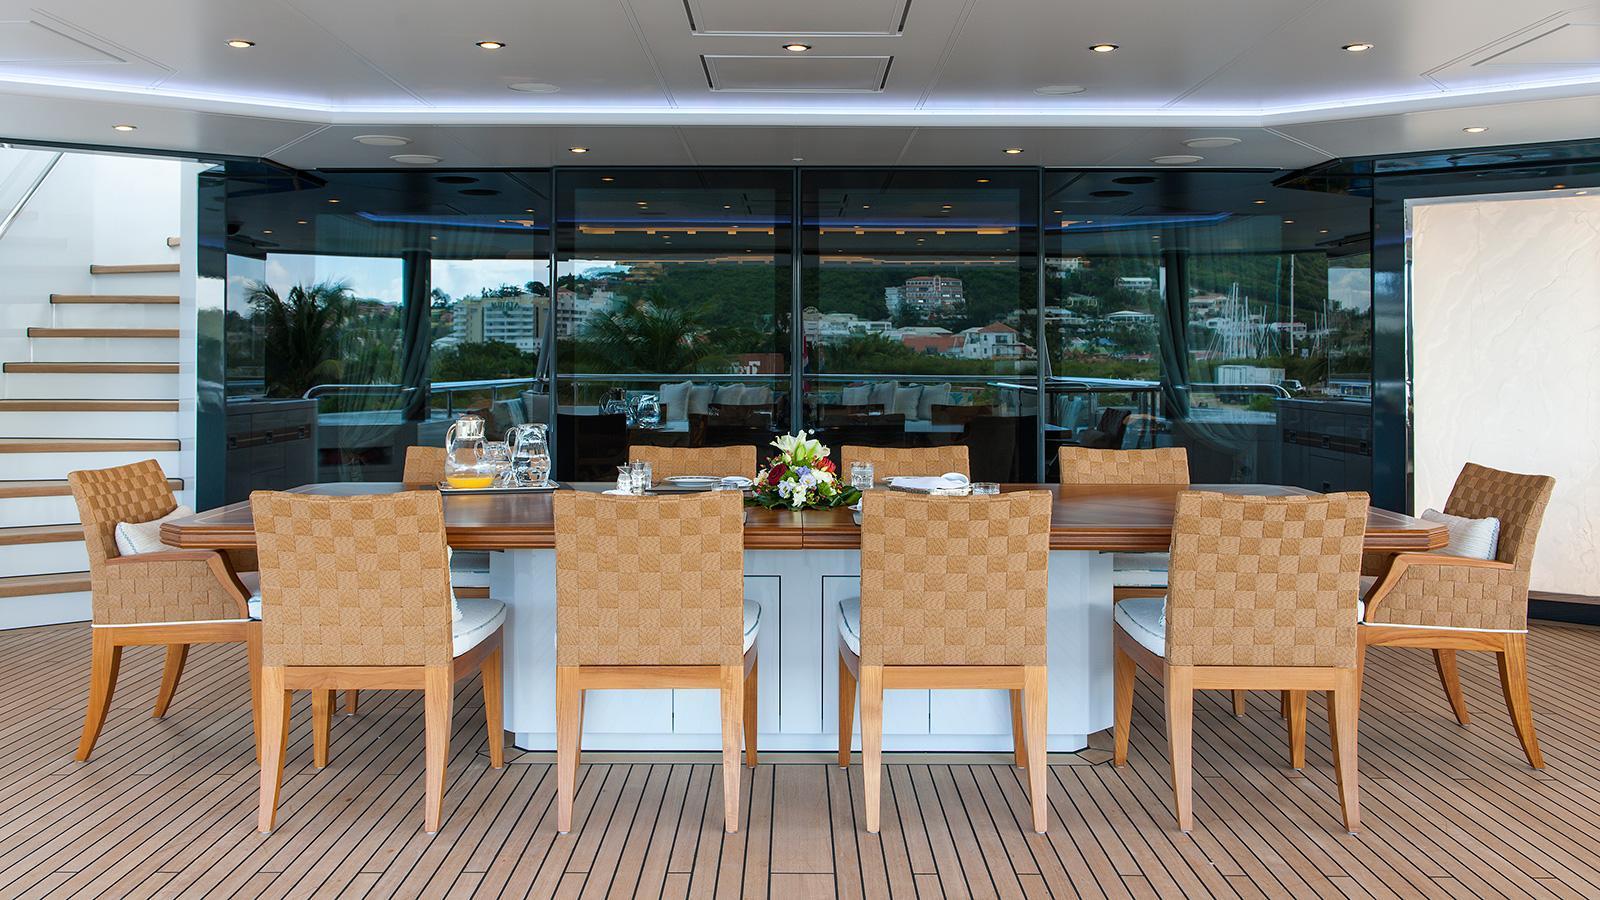 iroquois ester iii motor yacht lurssen 2014 66m dining deck